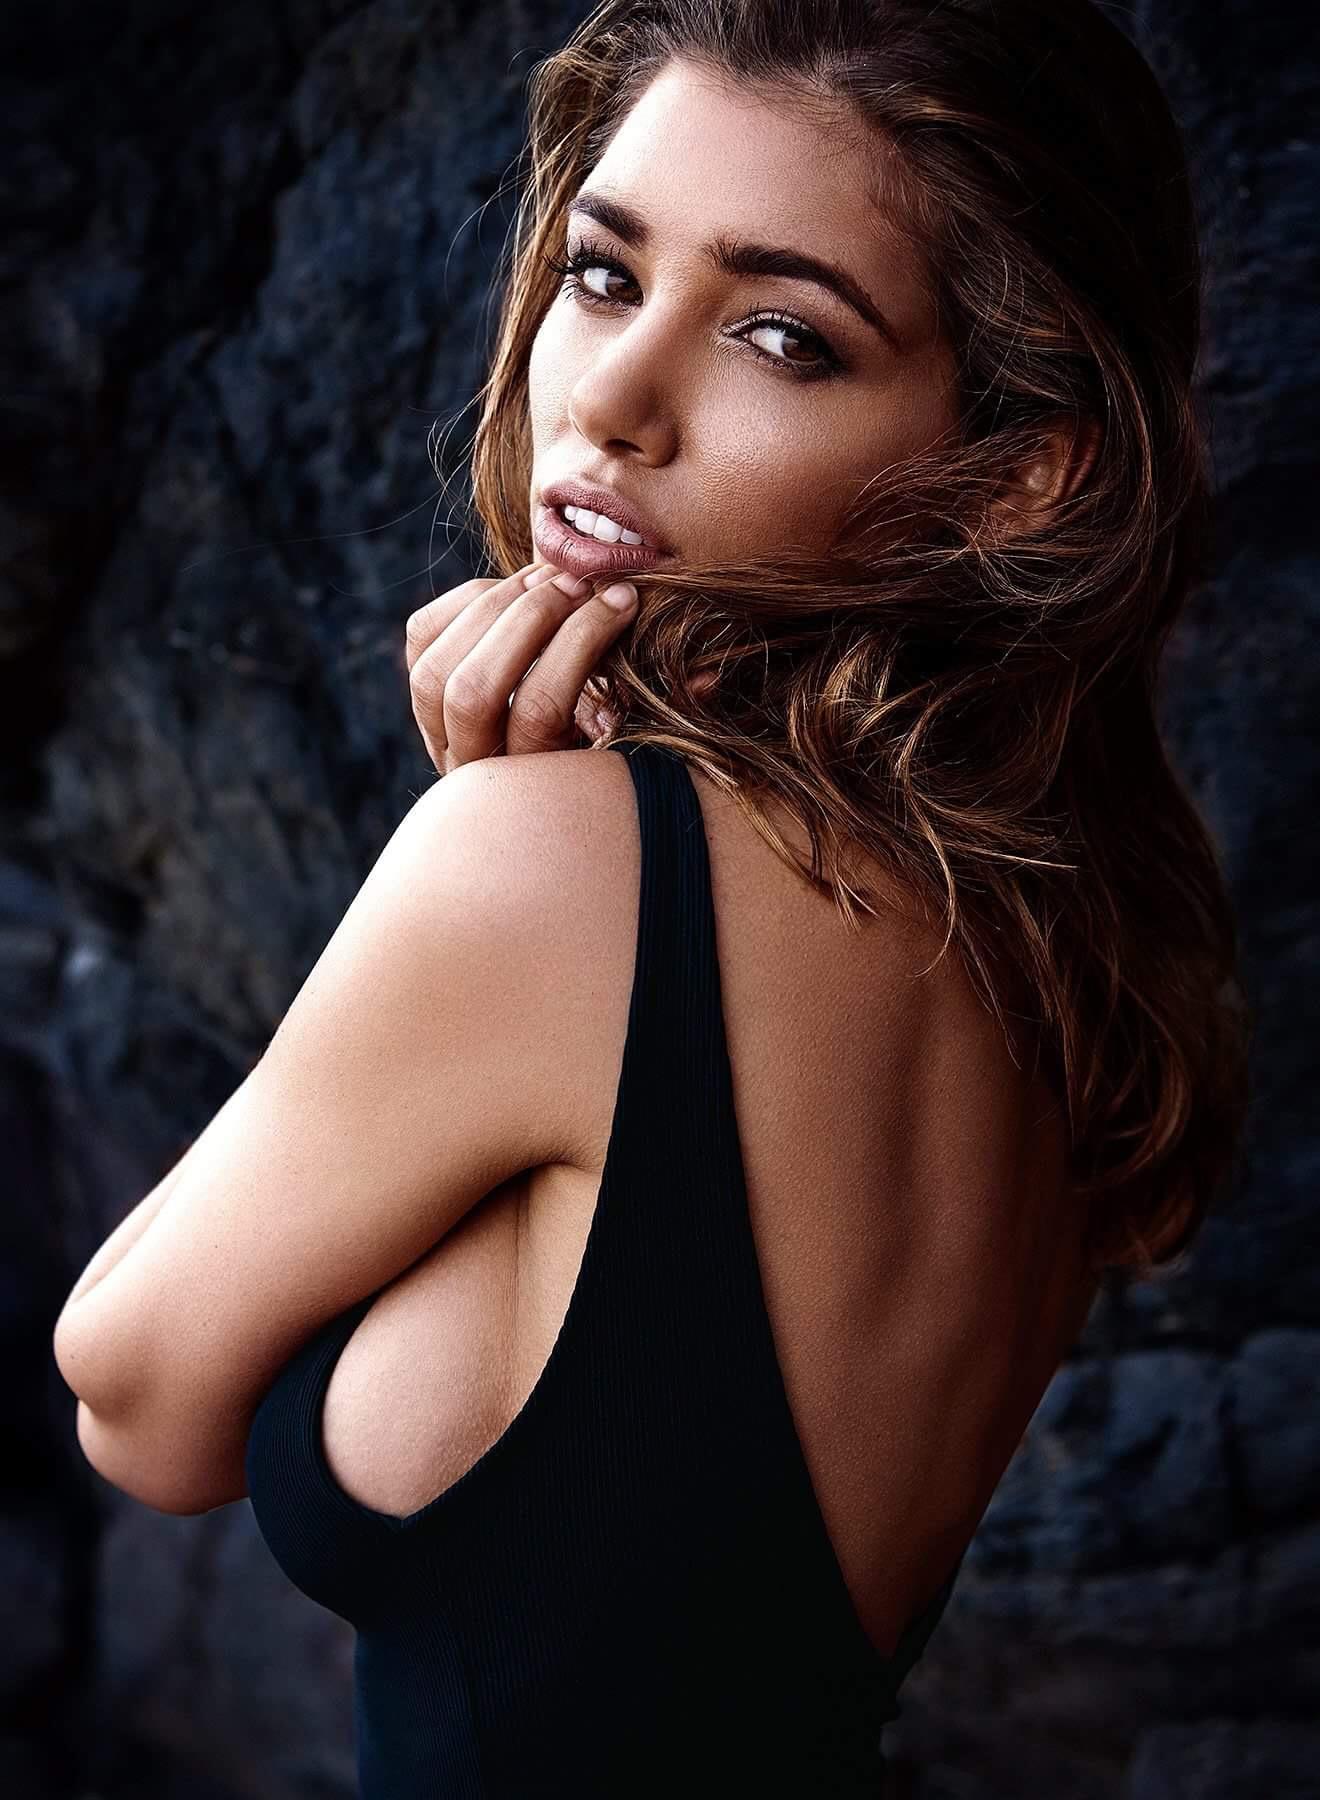 Daniela Degraux Nude Photos 26